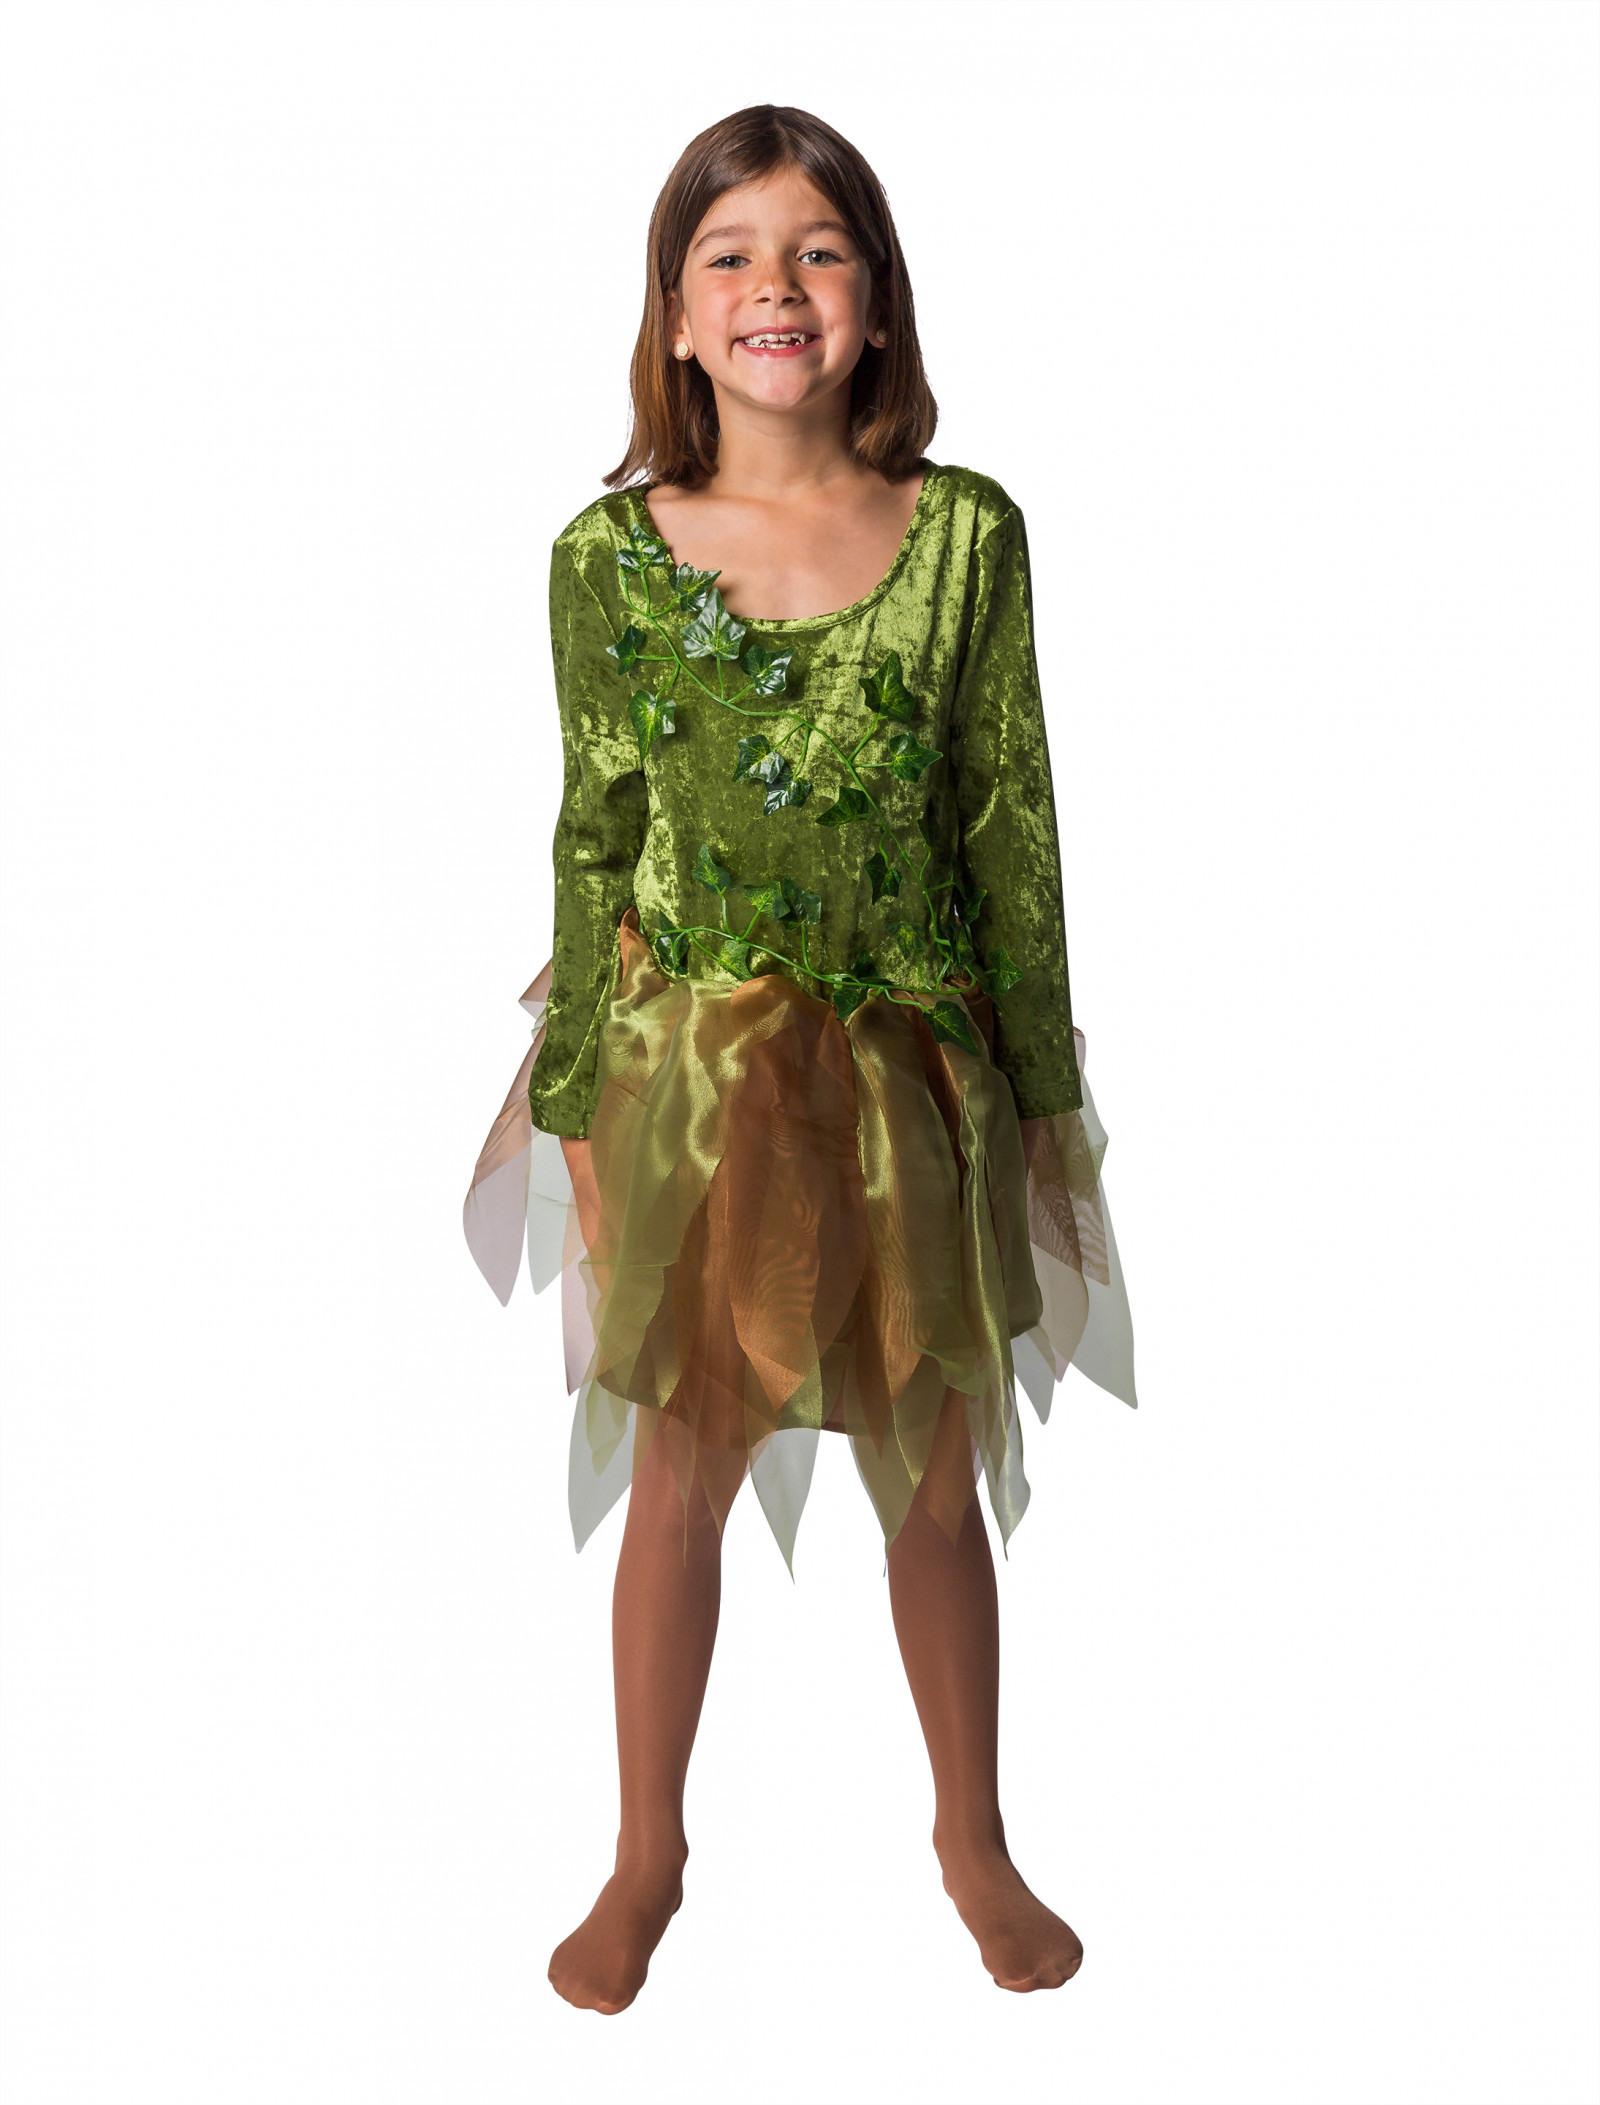 Kleid Waldfee Kinder Für Karneval  Fasching Kaufen » Deiters